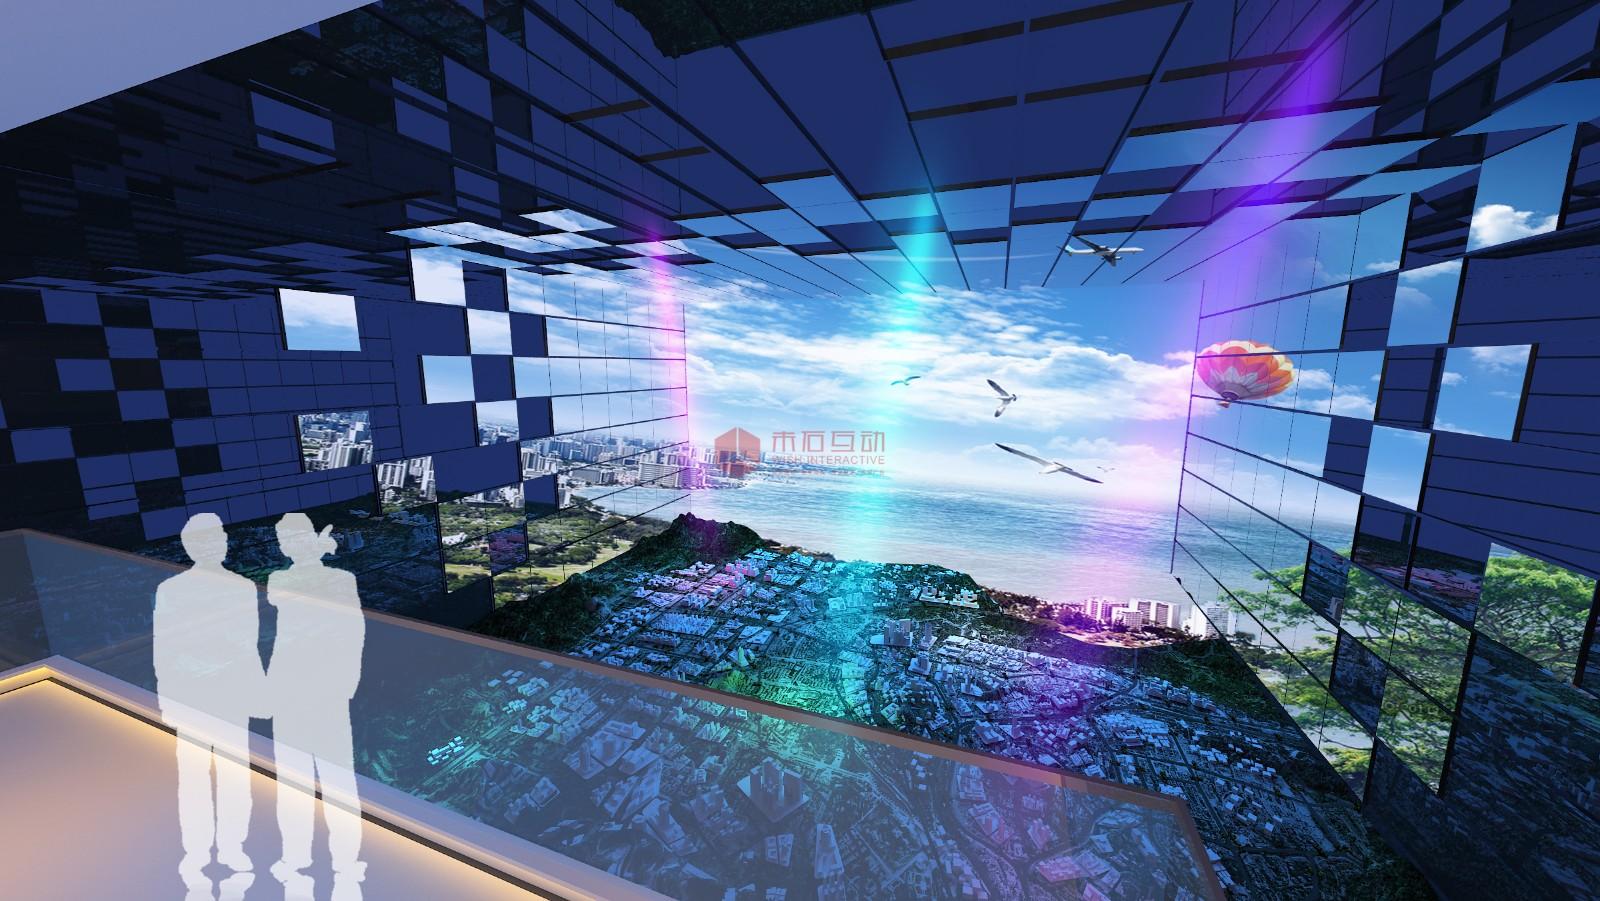 云南优良城市展览馆优质商家 创造辉煌 未石互动科技供应